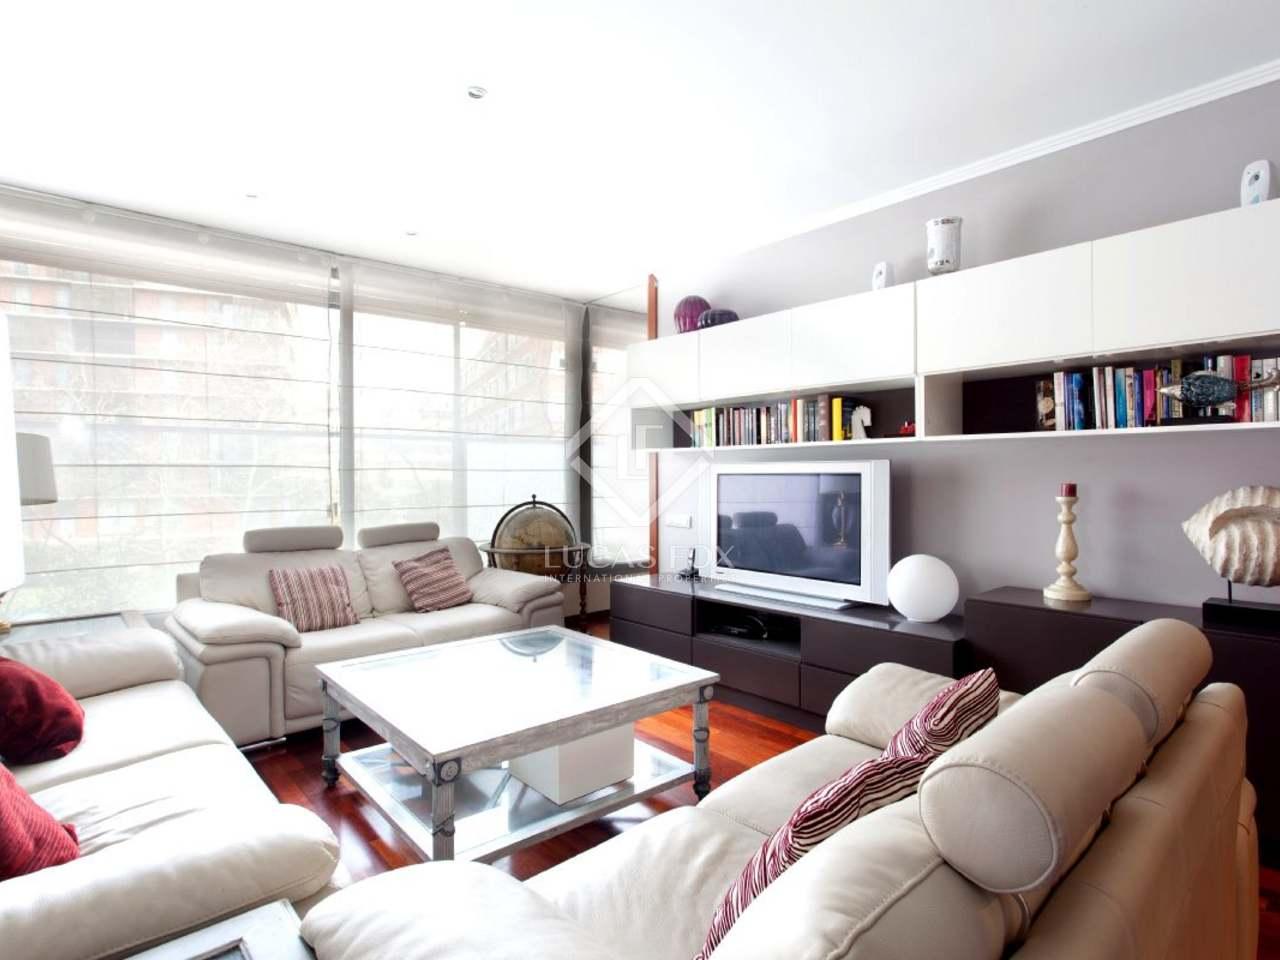 Appartement en vente au tur parc dans la zona alta de barcelone - Appartement vente barcelone ...